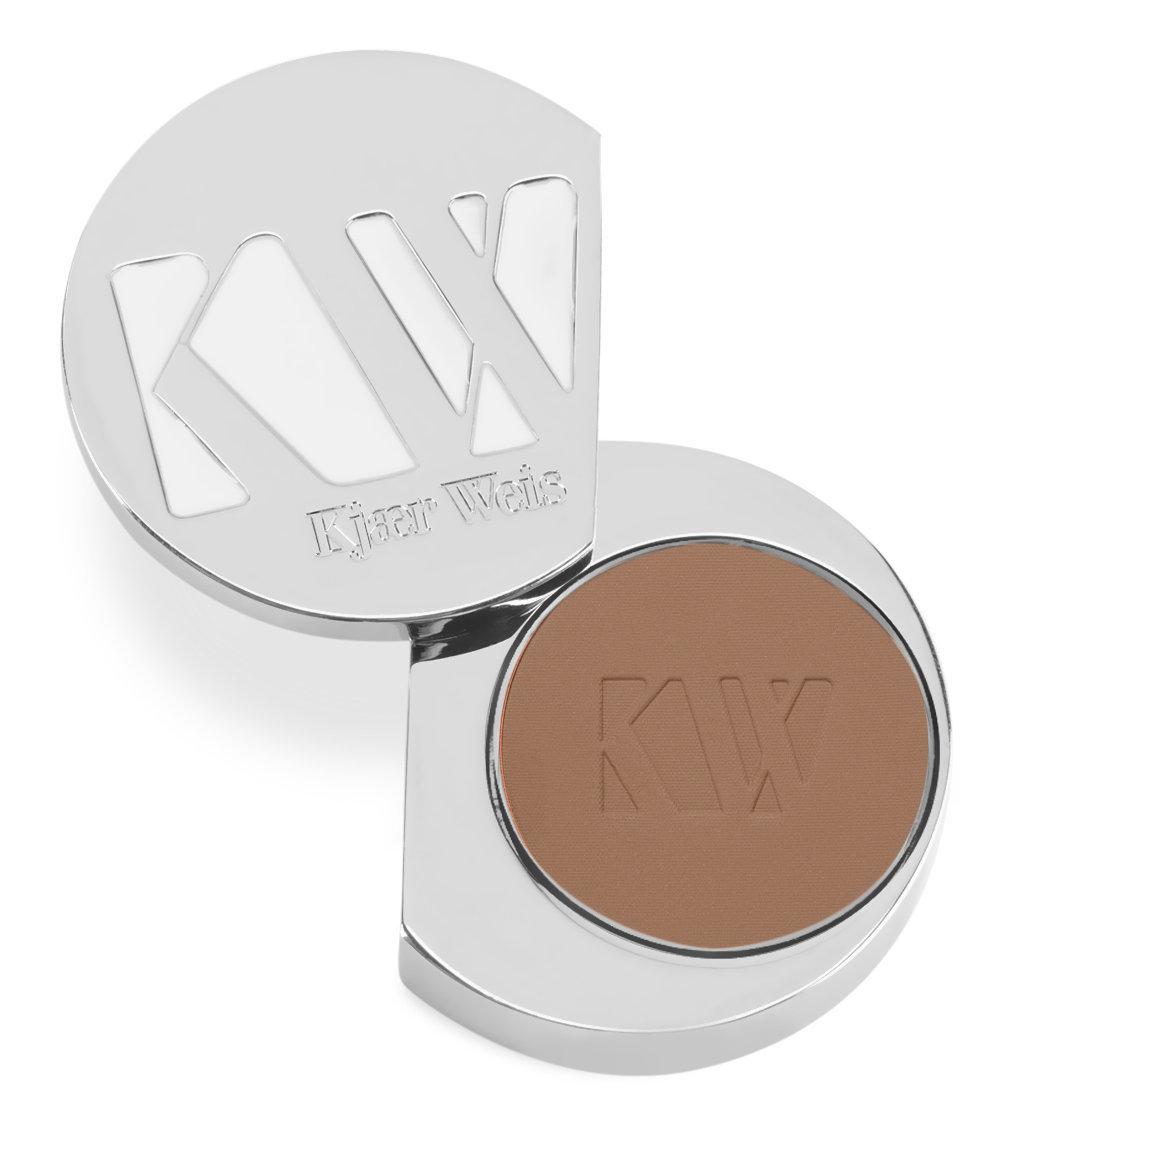 Kjaer Weis Powder Faint product swatch.